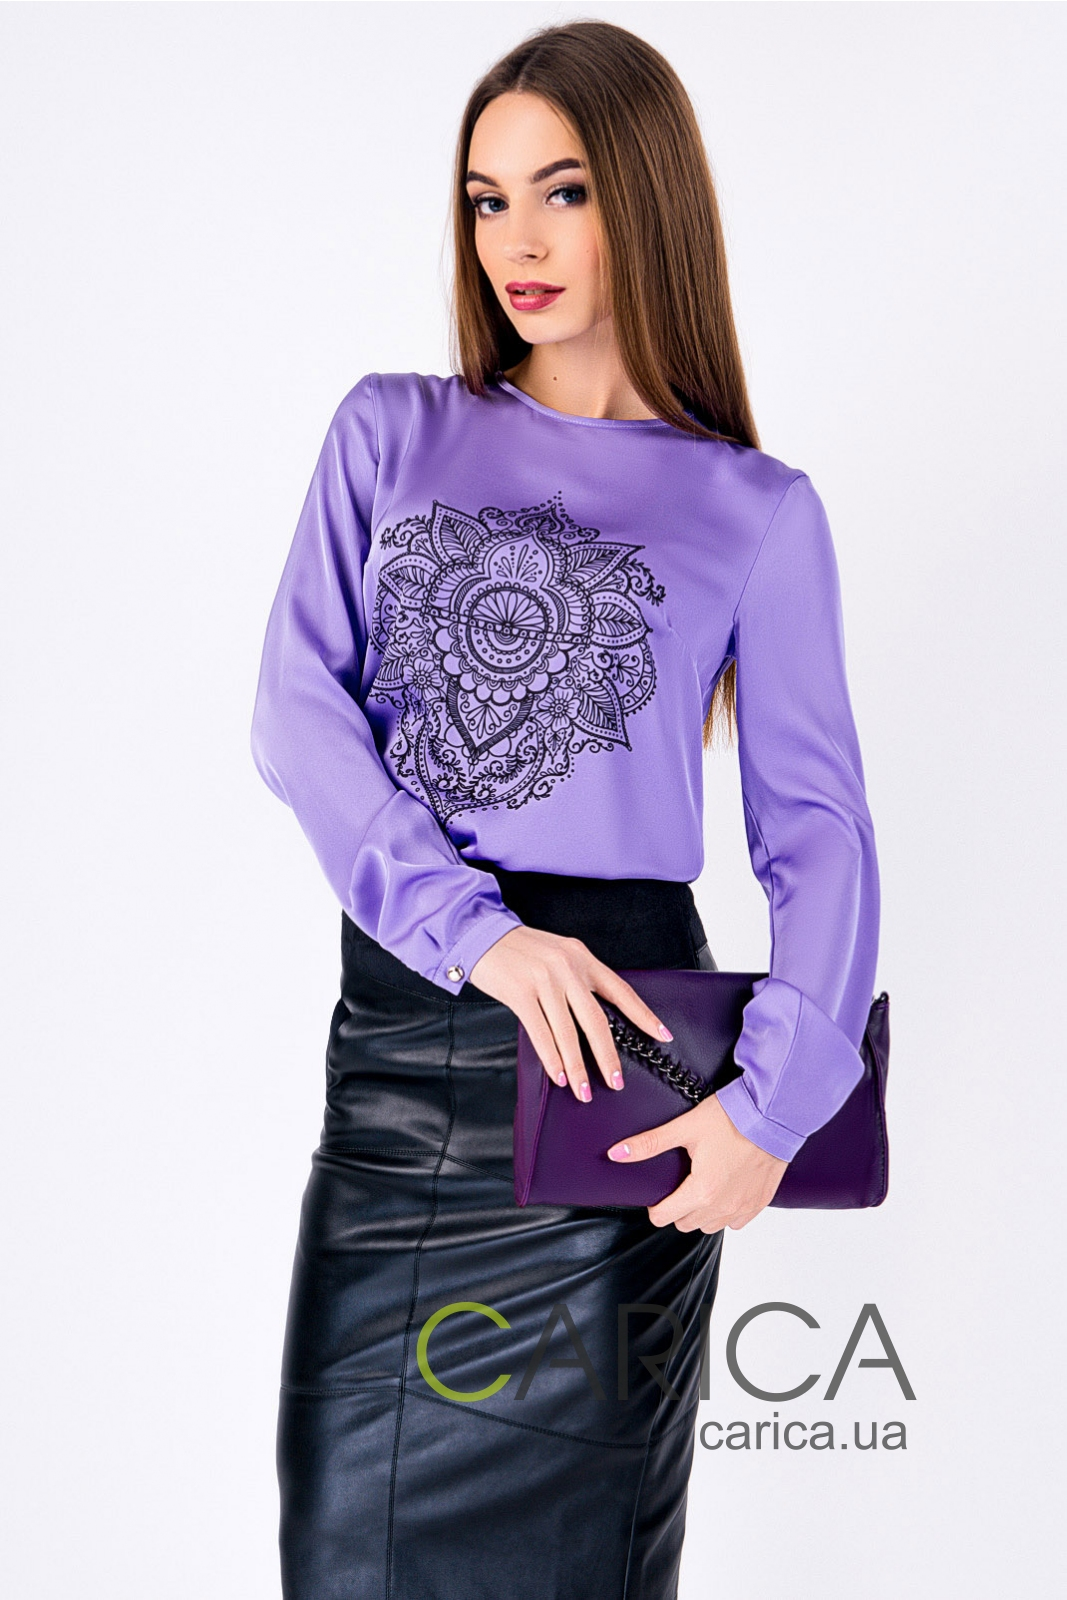 Сбор заказов. Очень красивая и модная женская одежда C@ric@. Платья, блузки, костюмы, леггинсы, кофты. Выкуп 7. Много новинок.